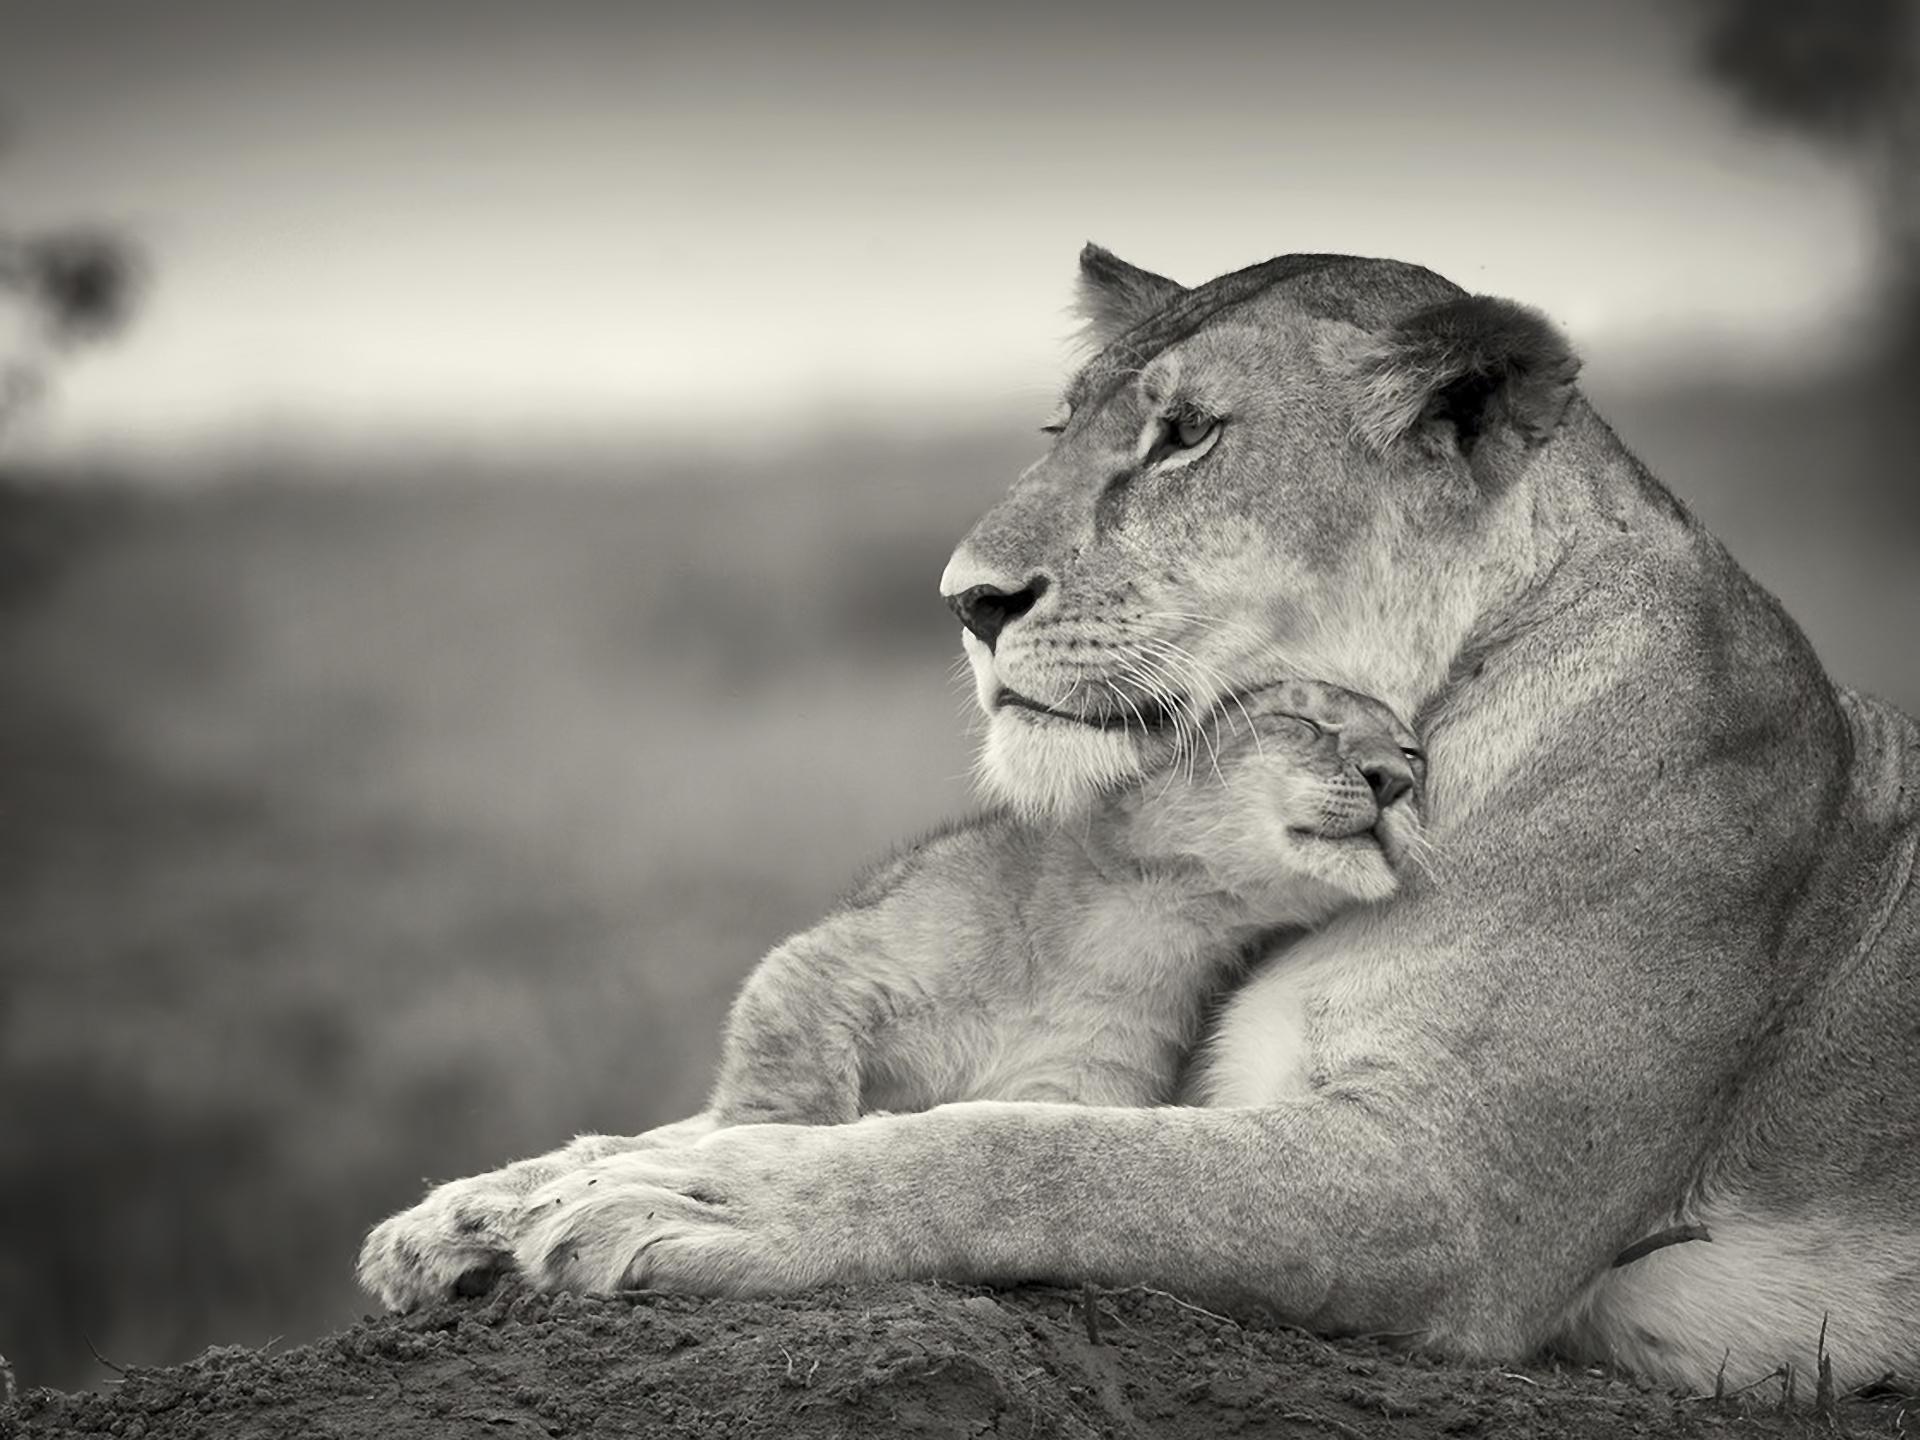 Fond D Ecran Lion Couple La Laine Lionceau Noir Et